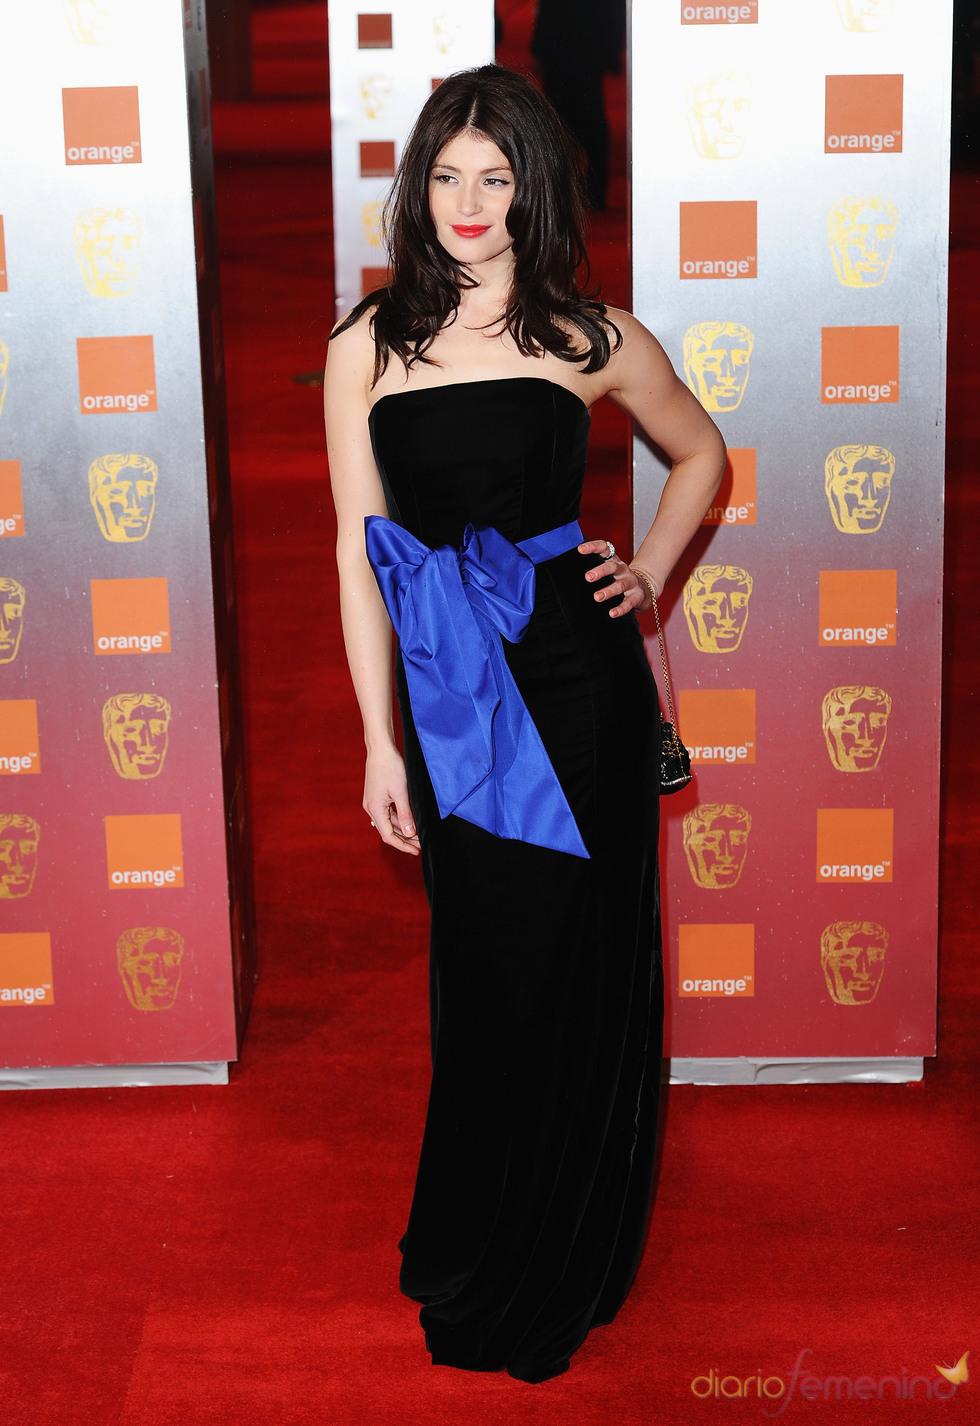 Gemma Arterton en la alfombra roja de los Bafta 2011